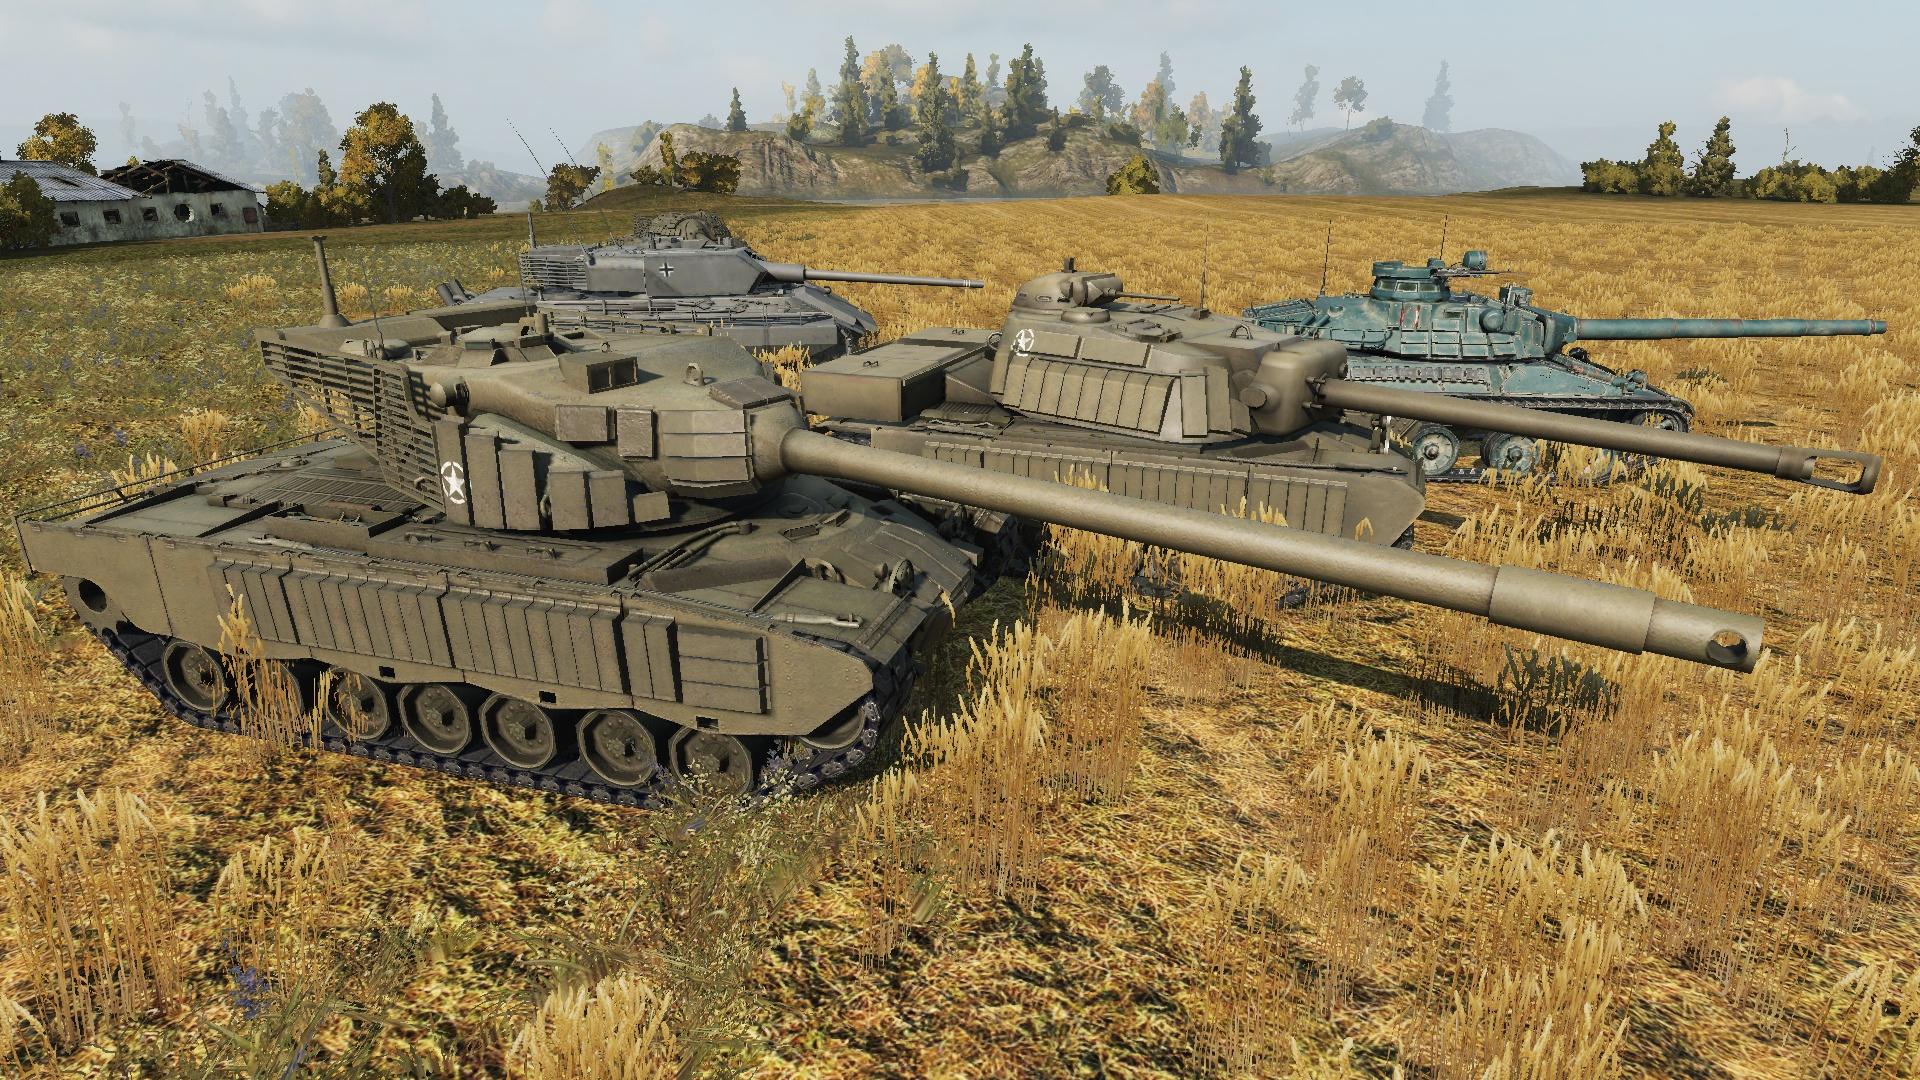 Моды на танки ворлд оф танк скачать.